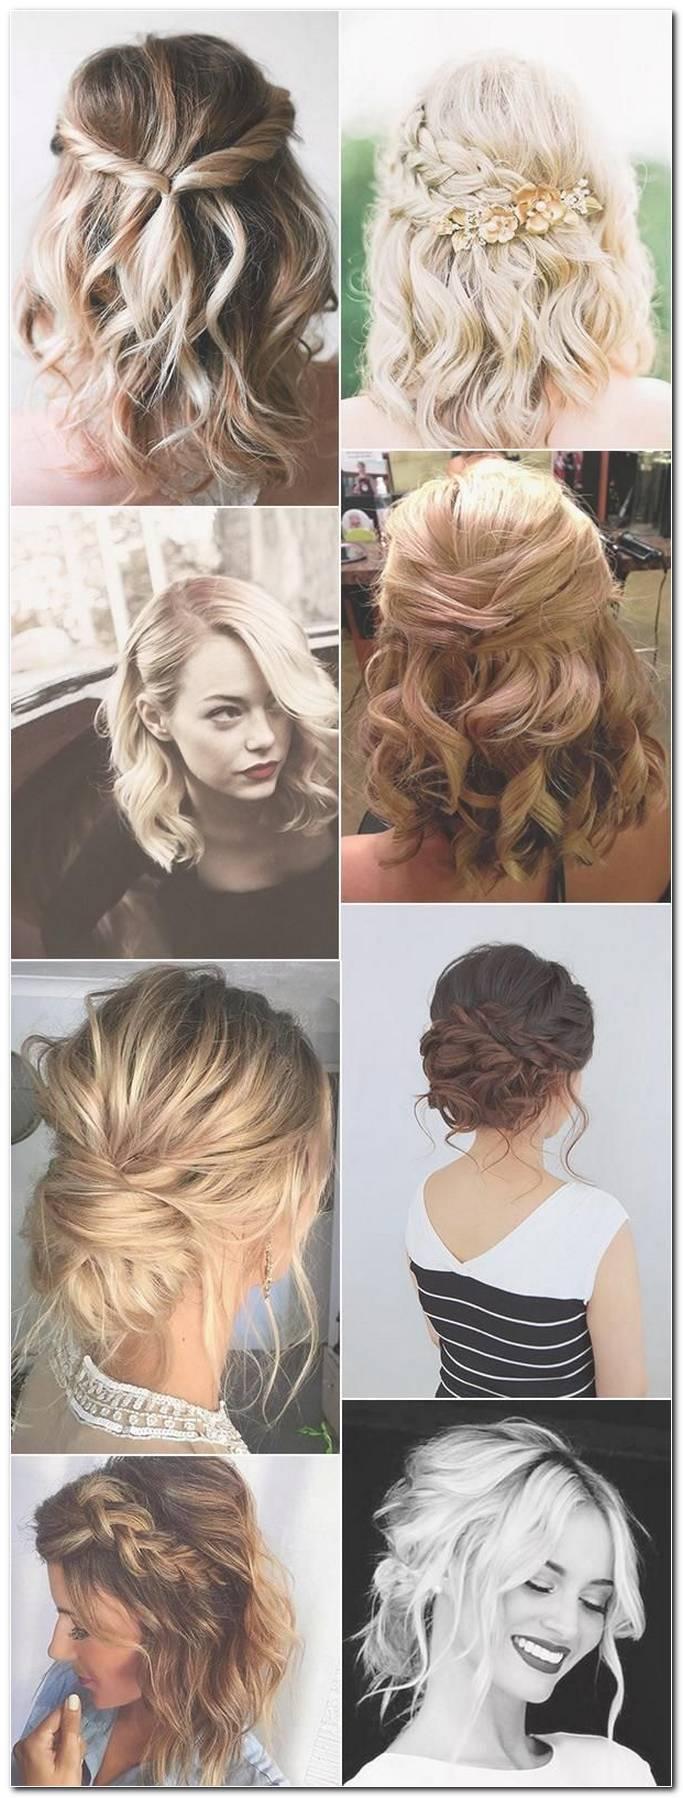 Frisuren FüR HochzeitsgäSte Schulterlanges Haar